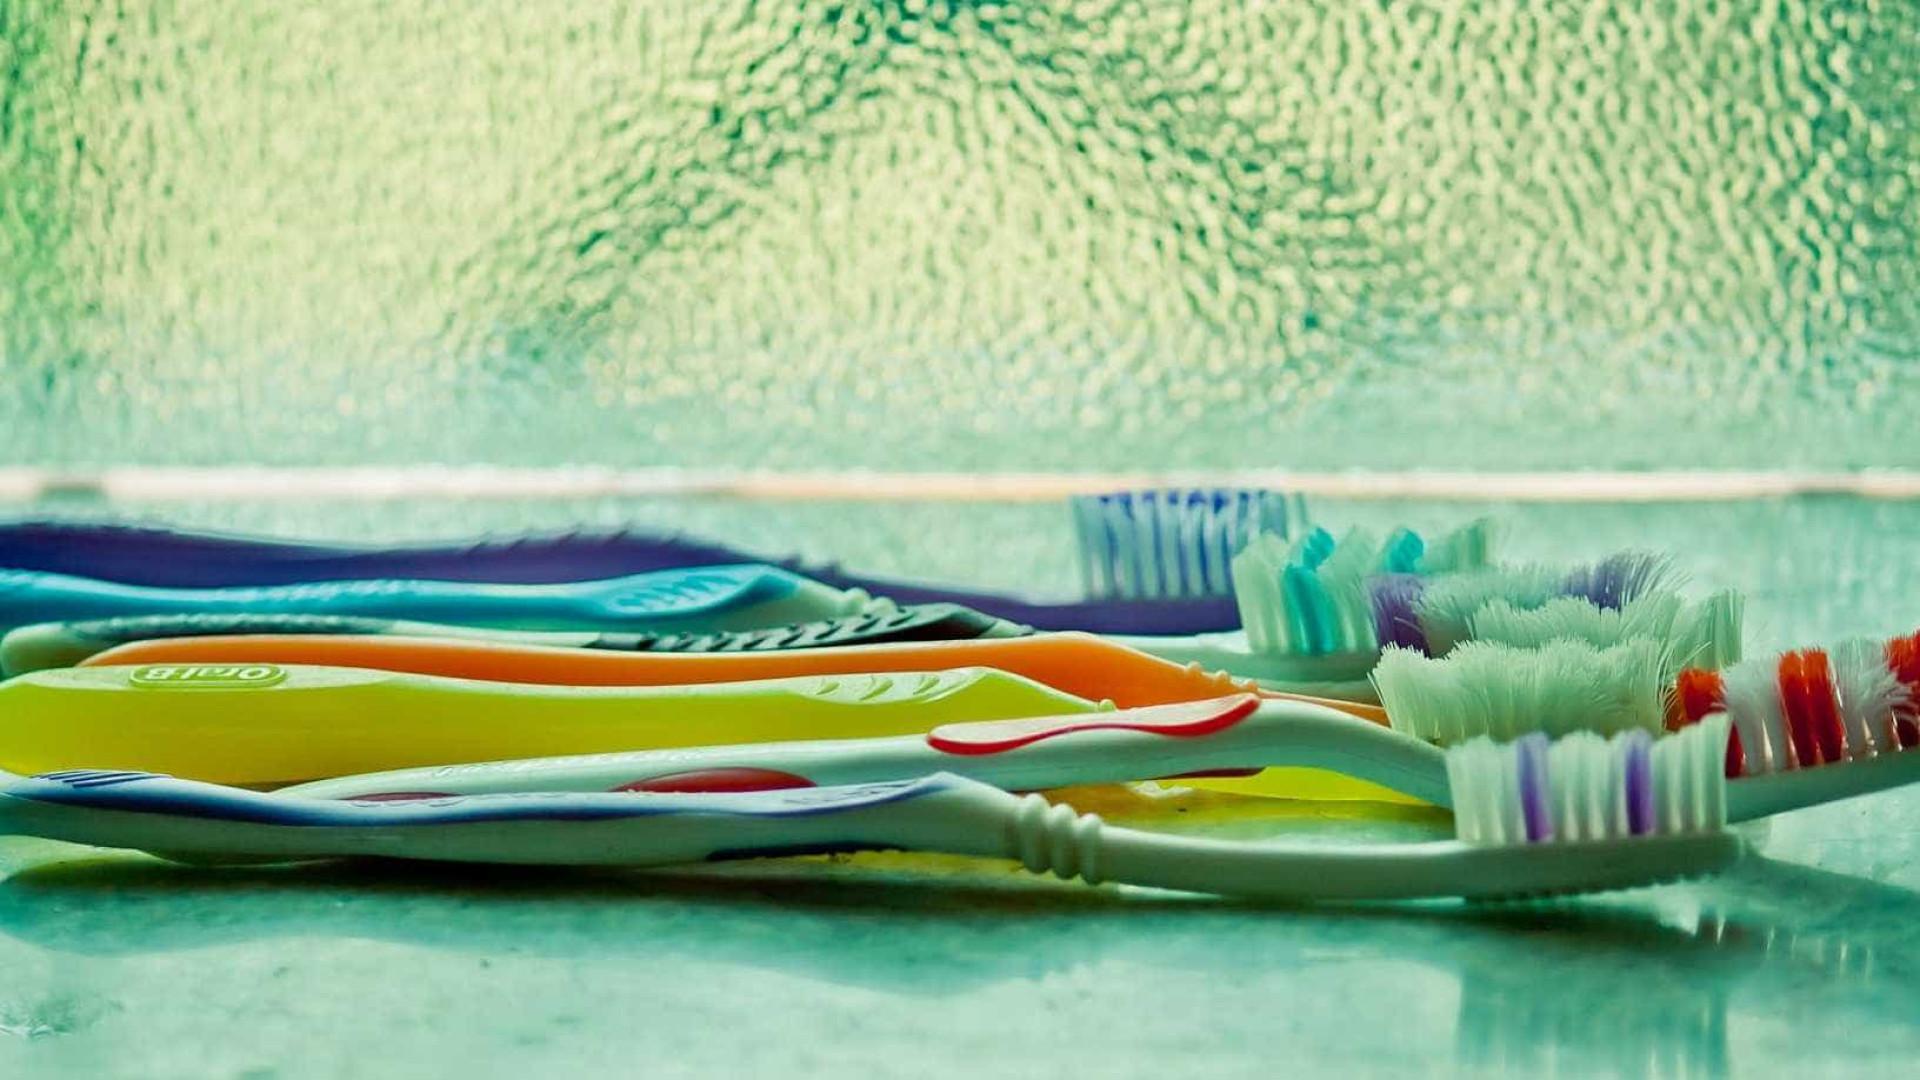 6 coisas que deixam a escova de dentes cheia de coliformes fecais